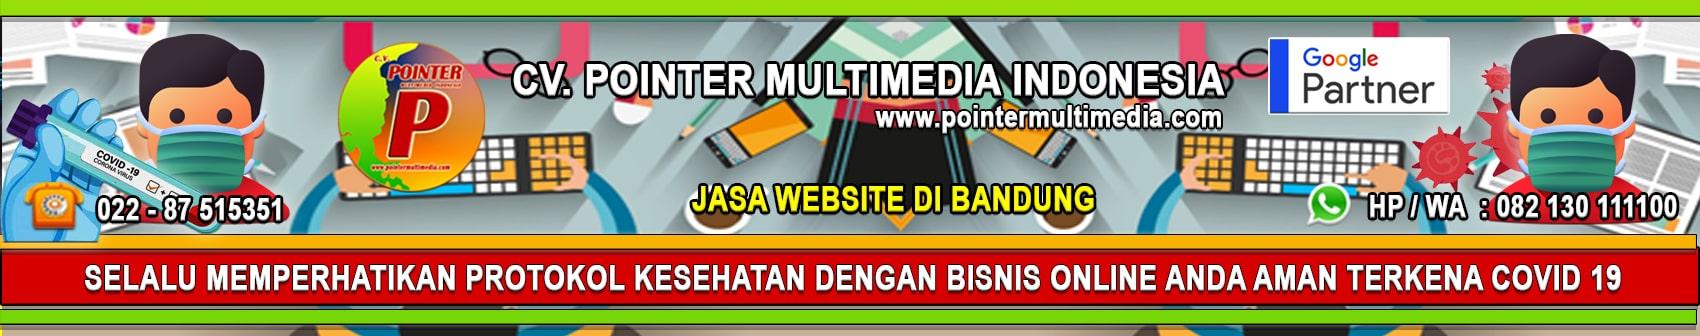 jasa website di bandung